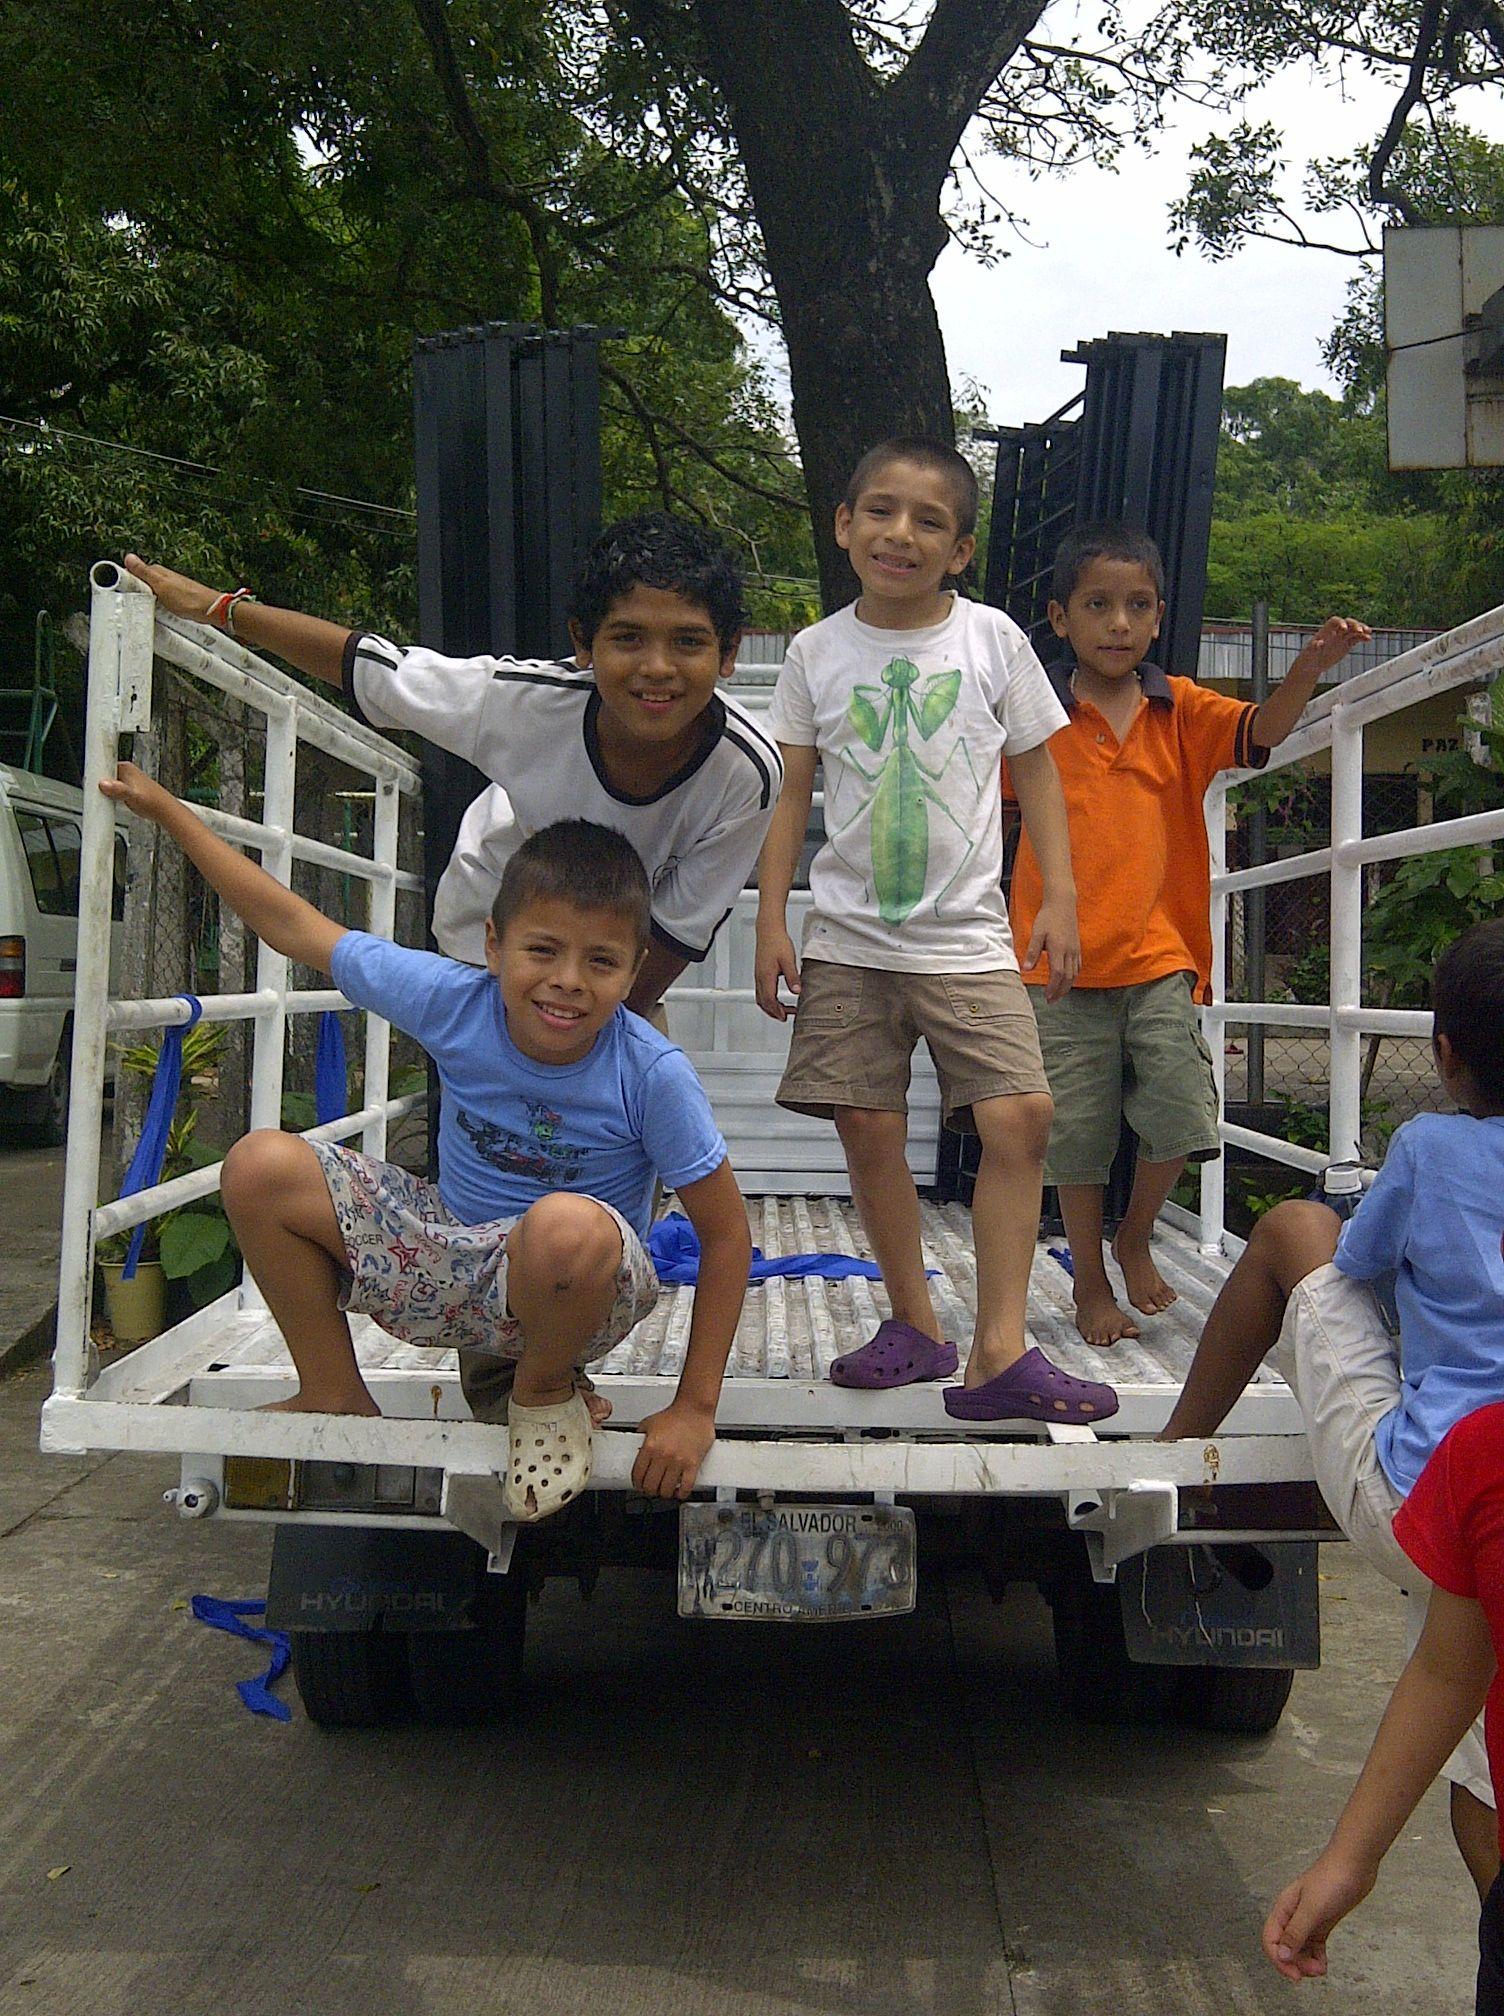 New Beds For The Hogar Infantil Orphanage El Salvador Thank You